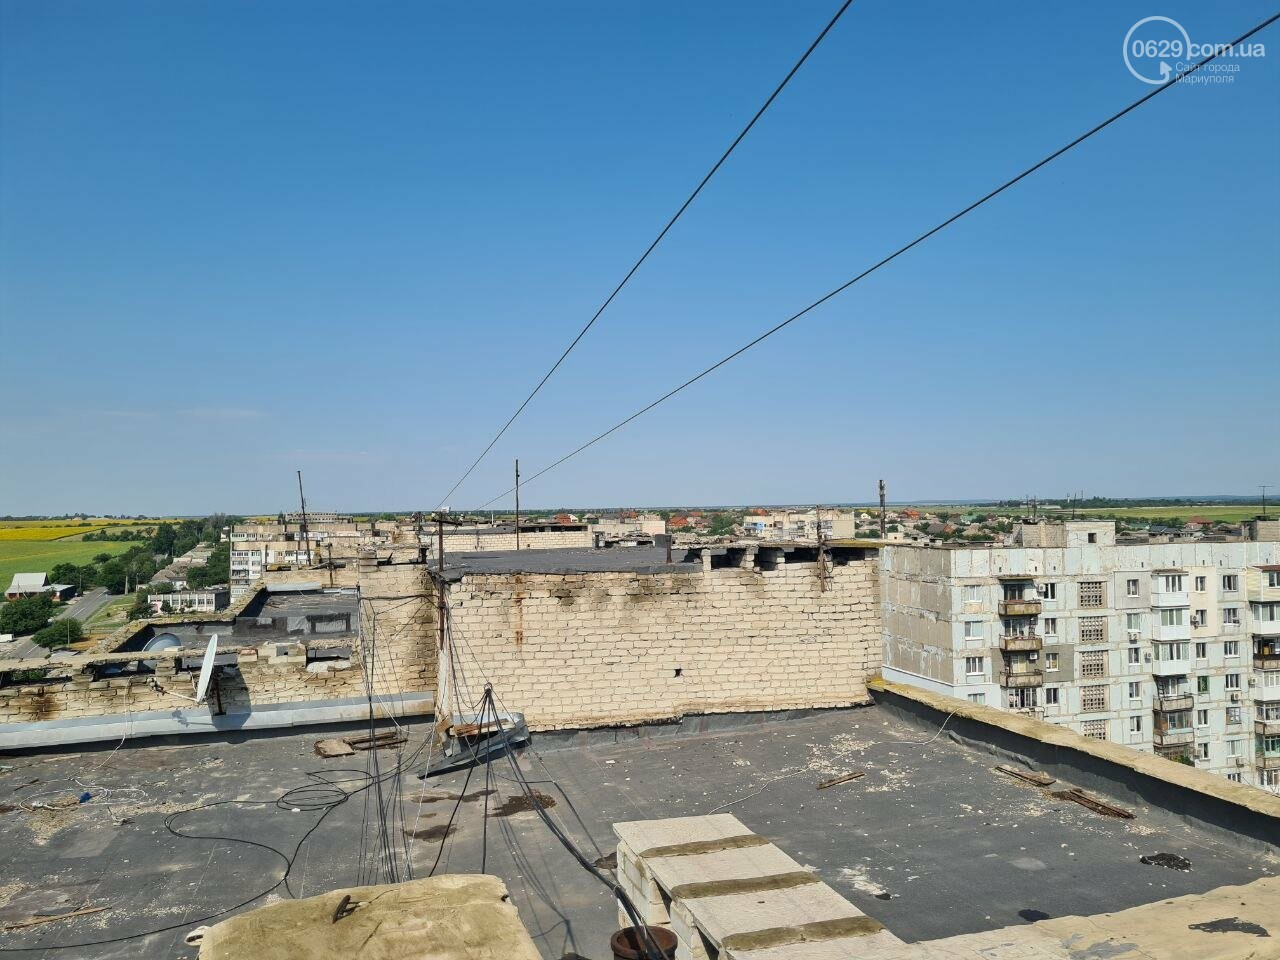 Эхо непогоды! В Мариуполе внепланово ремонтируют пострадавшую от ливня многоэтажку, - ФОТО, фото-16